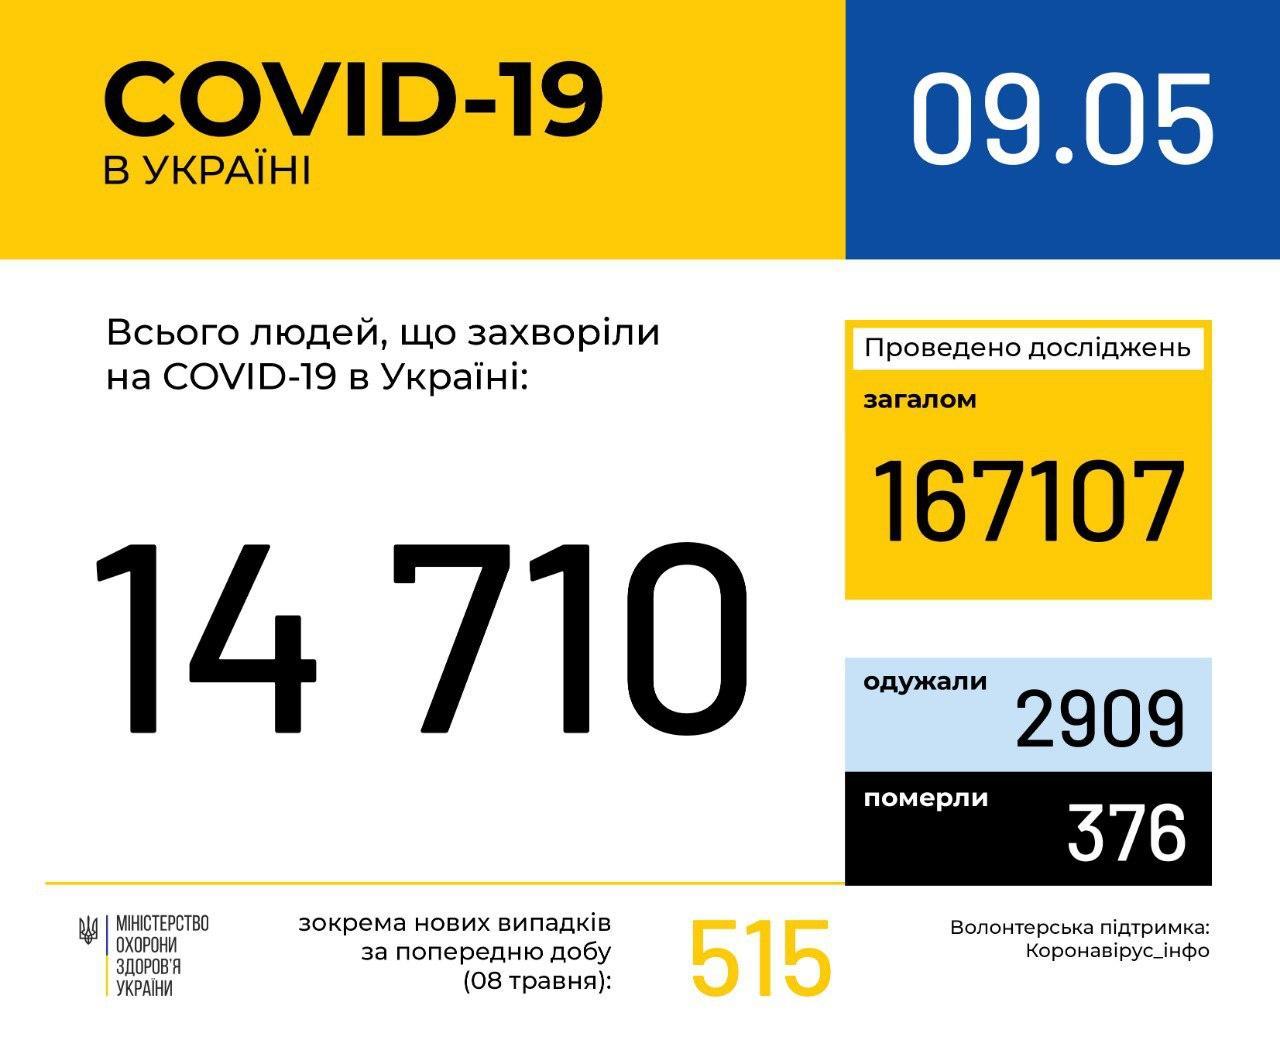 Хроніки коронавірусу: свіжа статистика на 9 травня в Україні